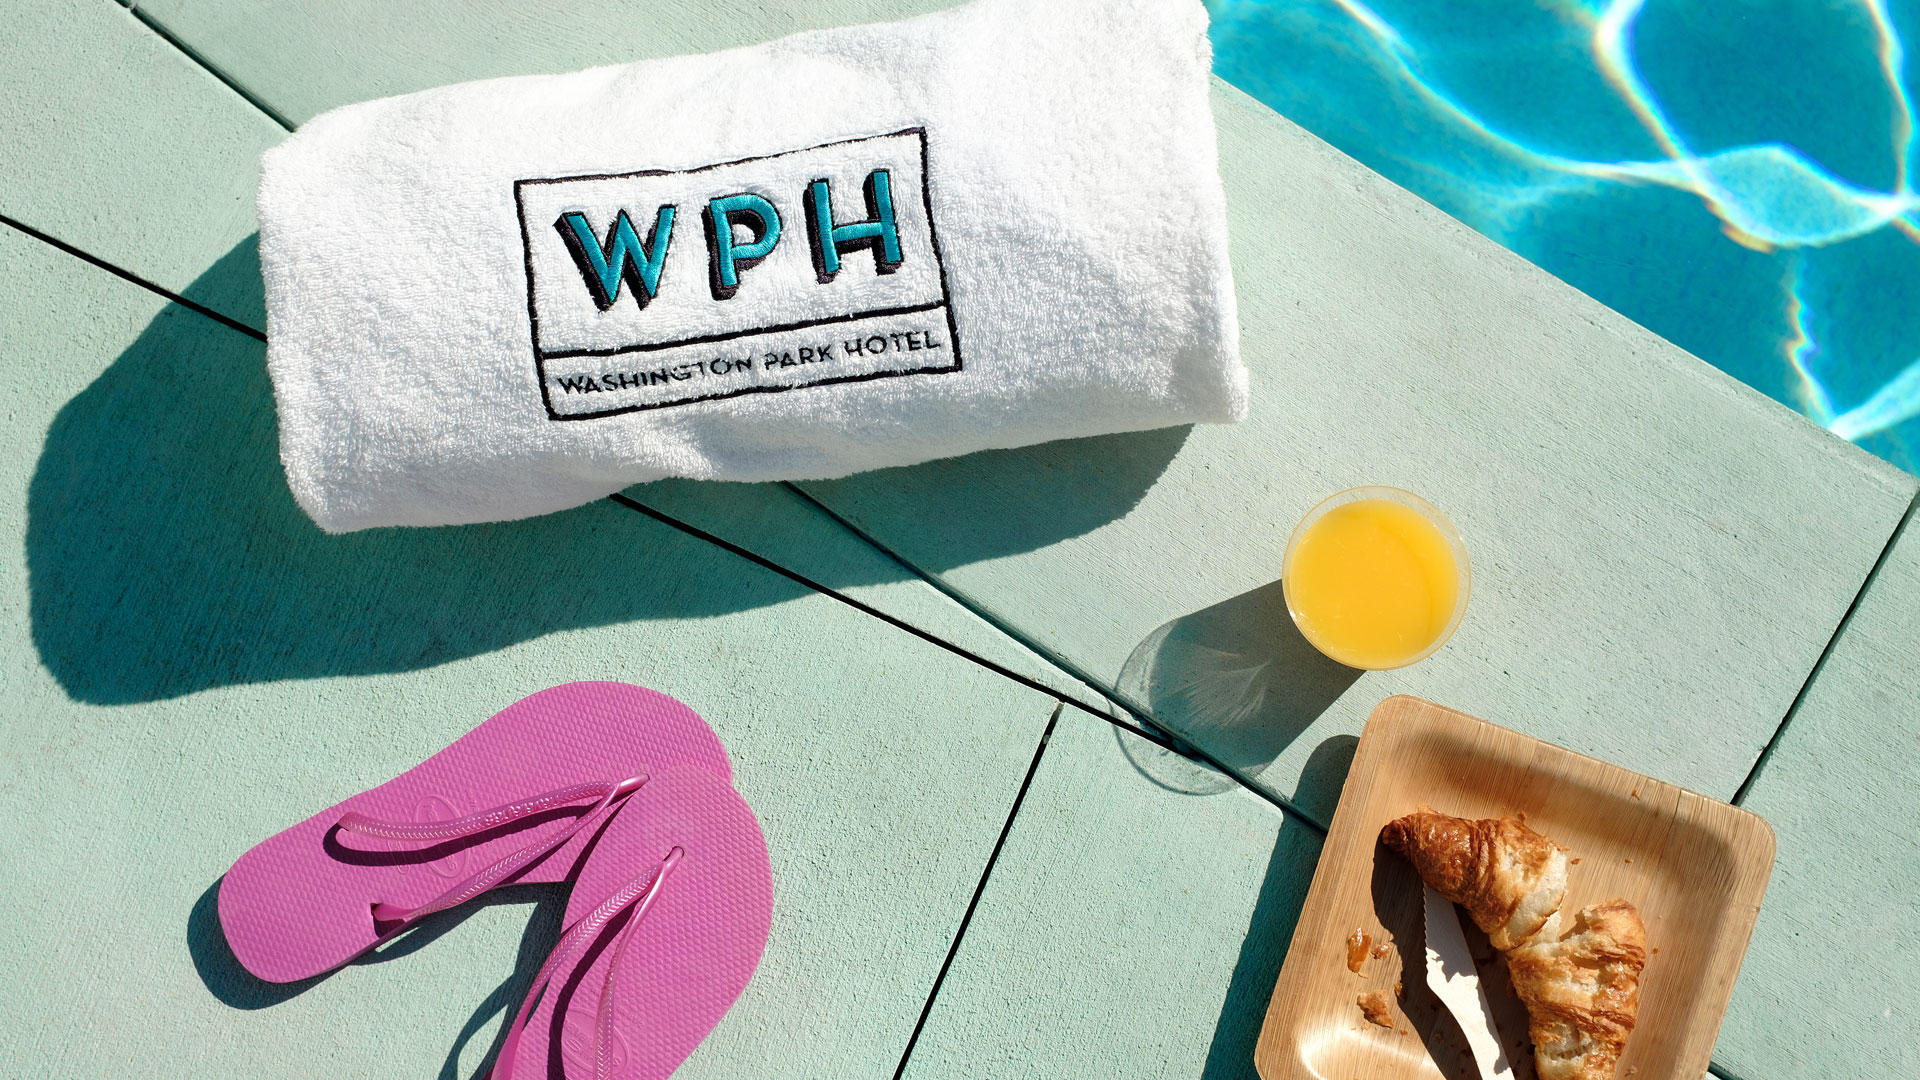 Washington Park Hotel image 4